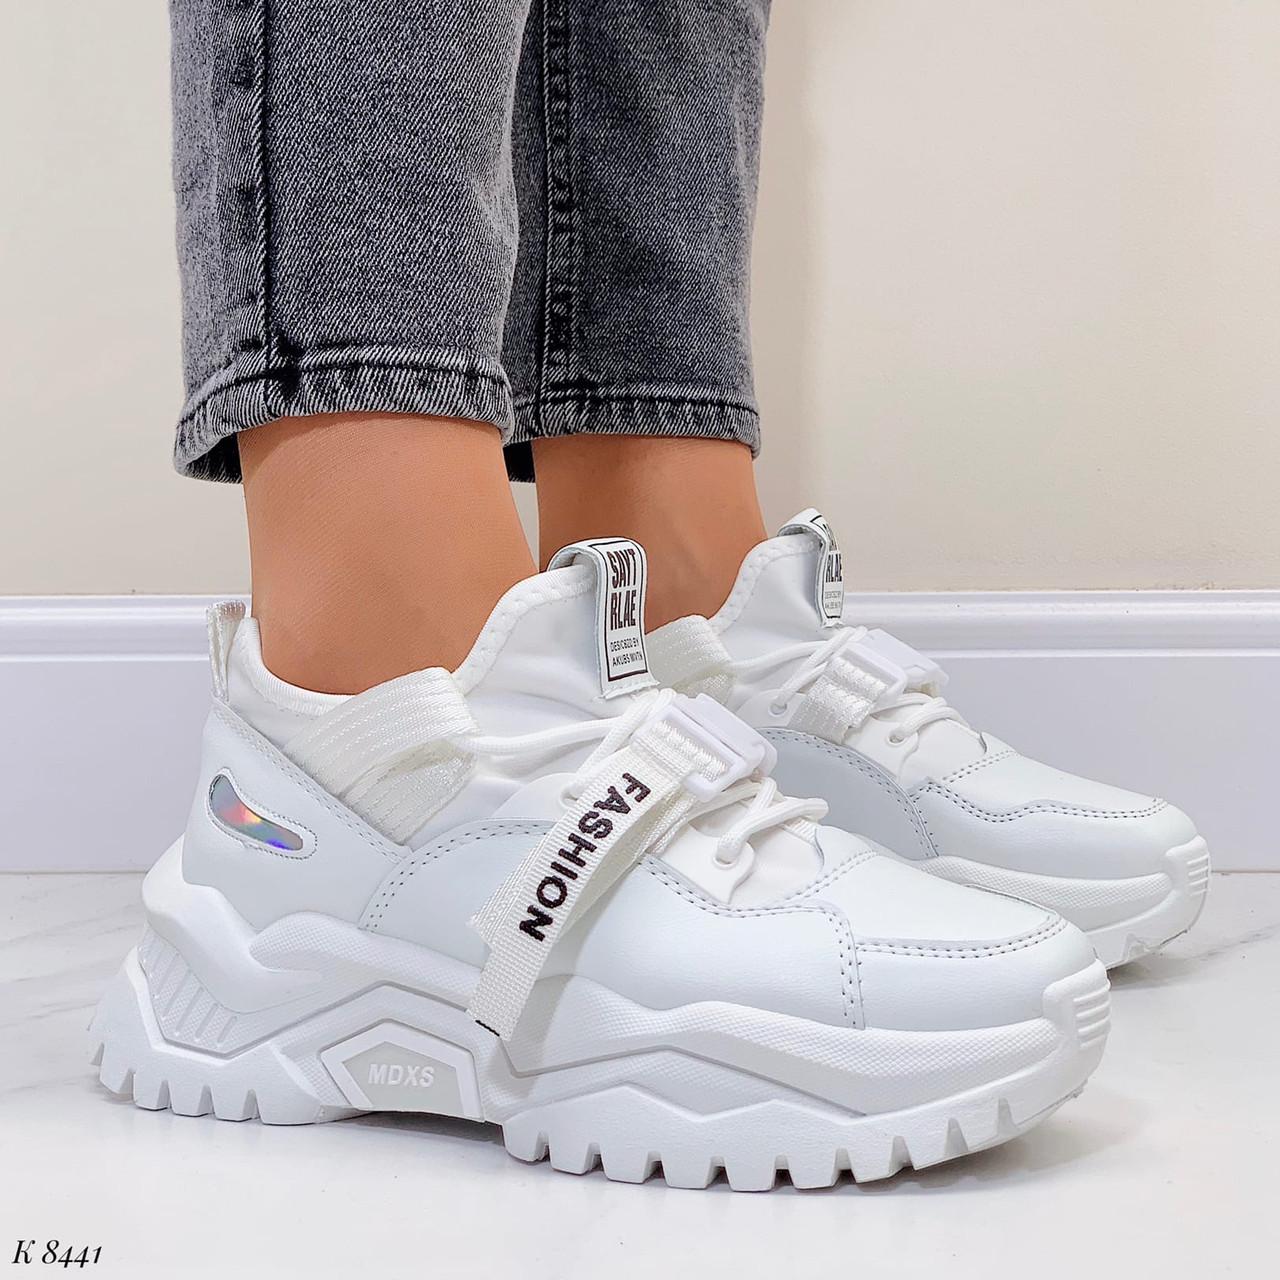 Жіночі кросівки білі текстиль+ еко шкіра весна/ літо/ осінь